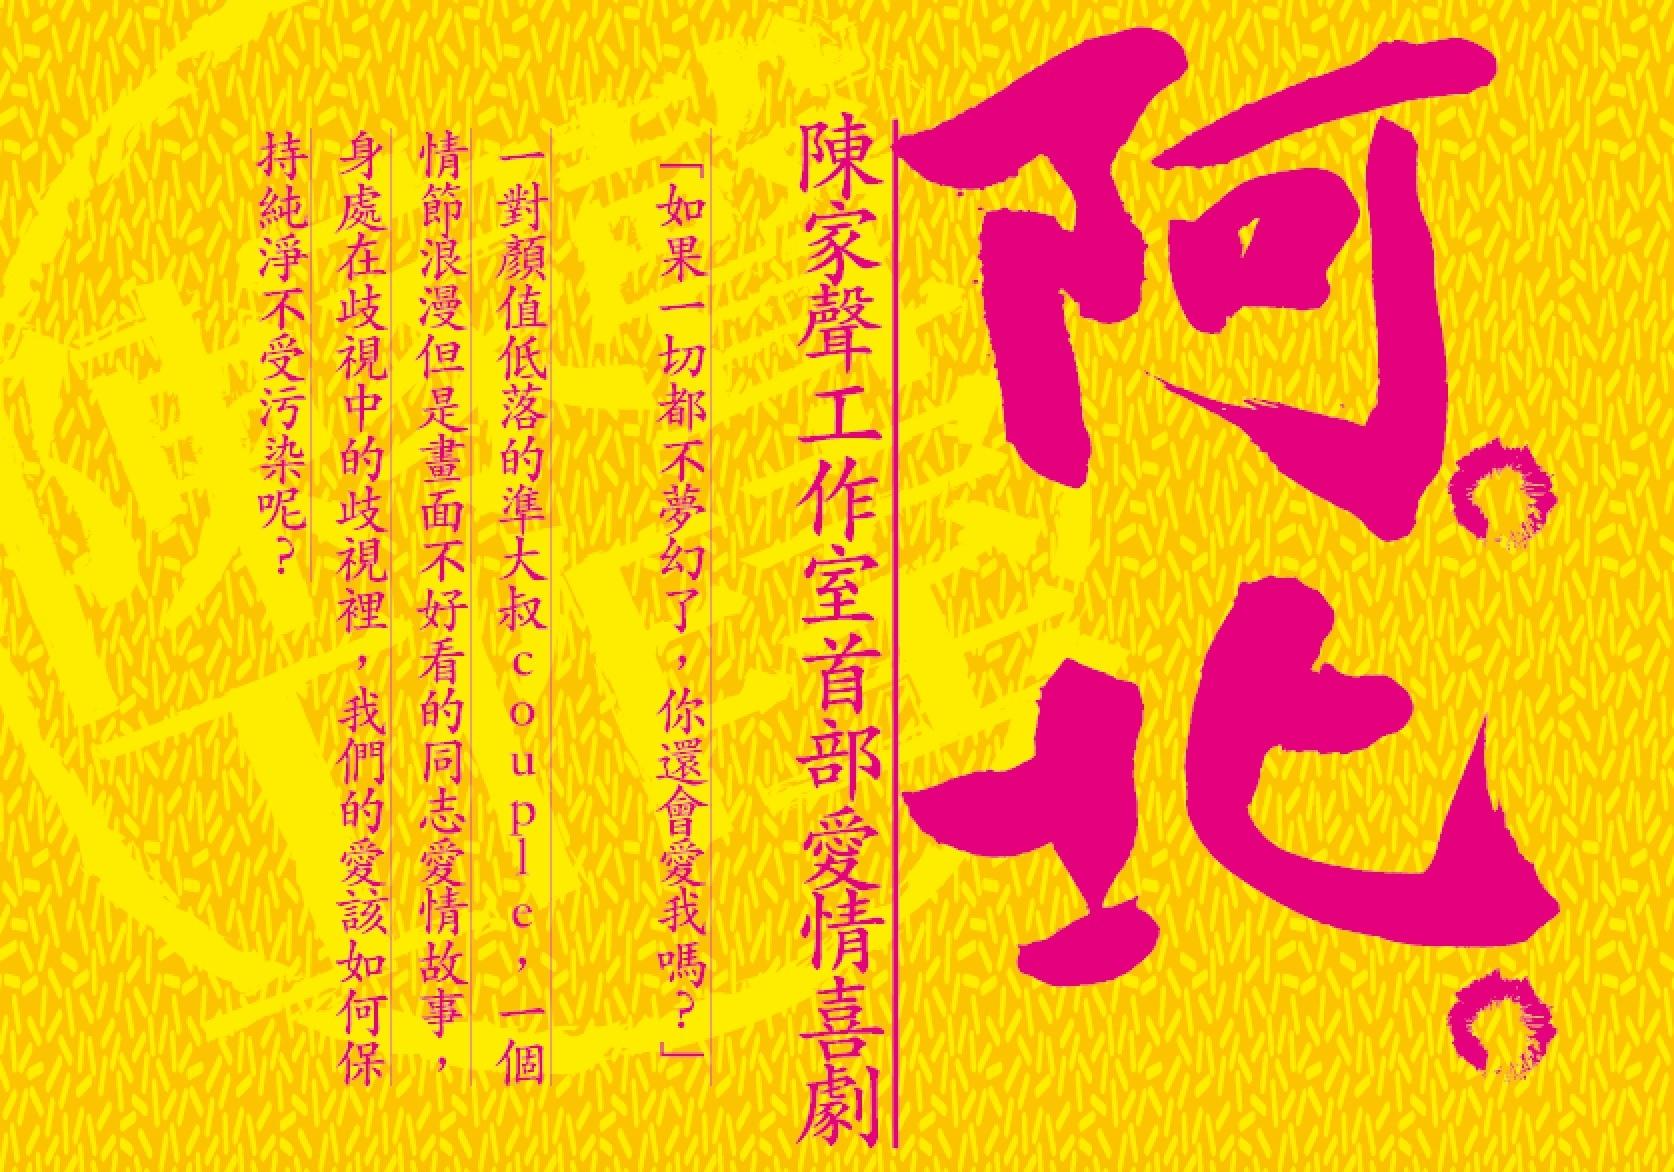 2017臺北藝穗節《阿北》 2017 Taipei Fringe 《A-BEI》 - SkeGeo 臺灣活動網